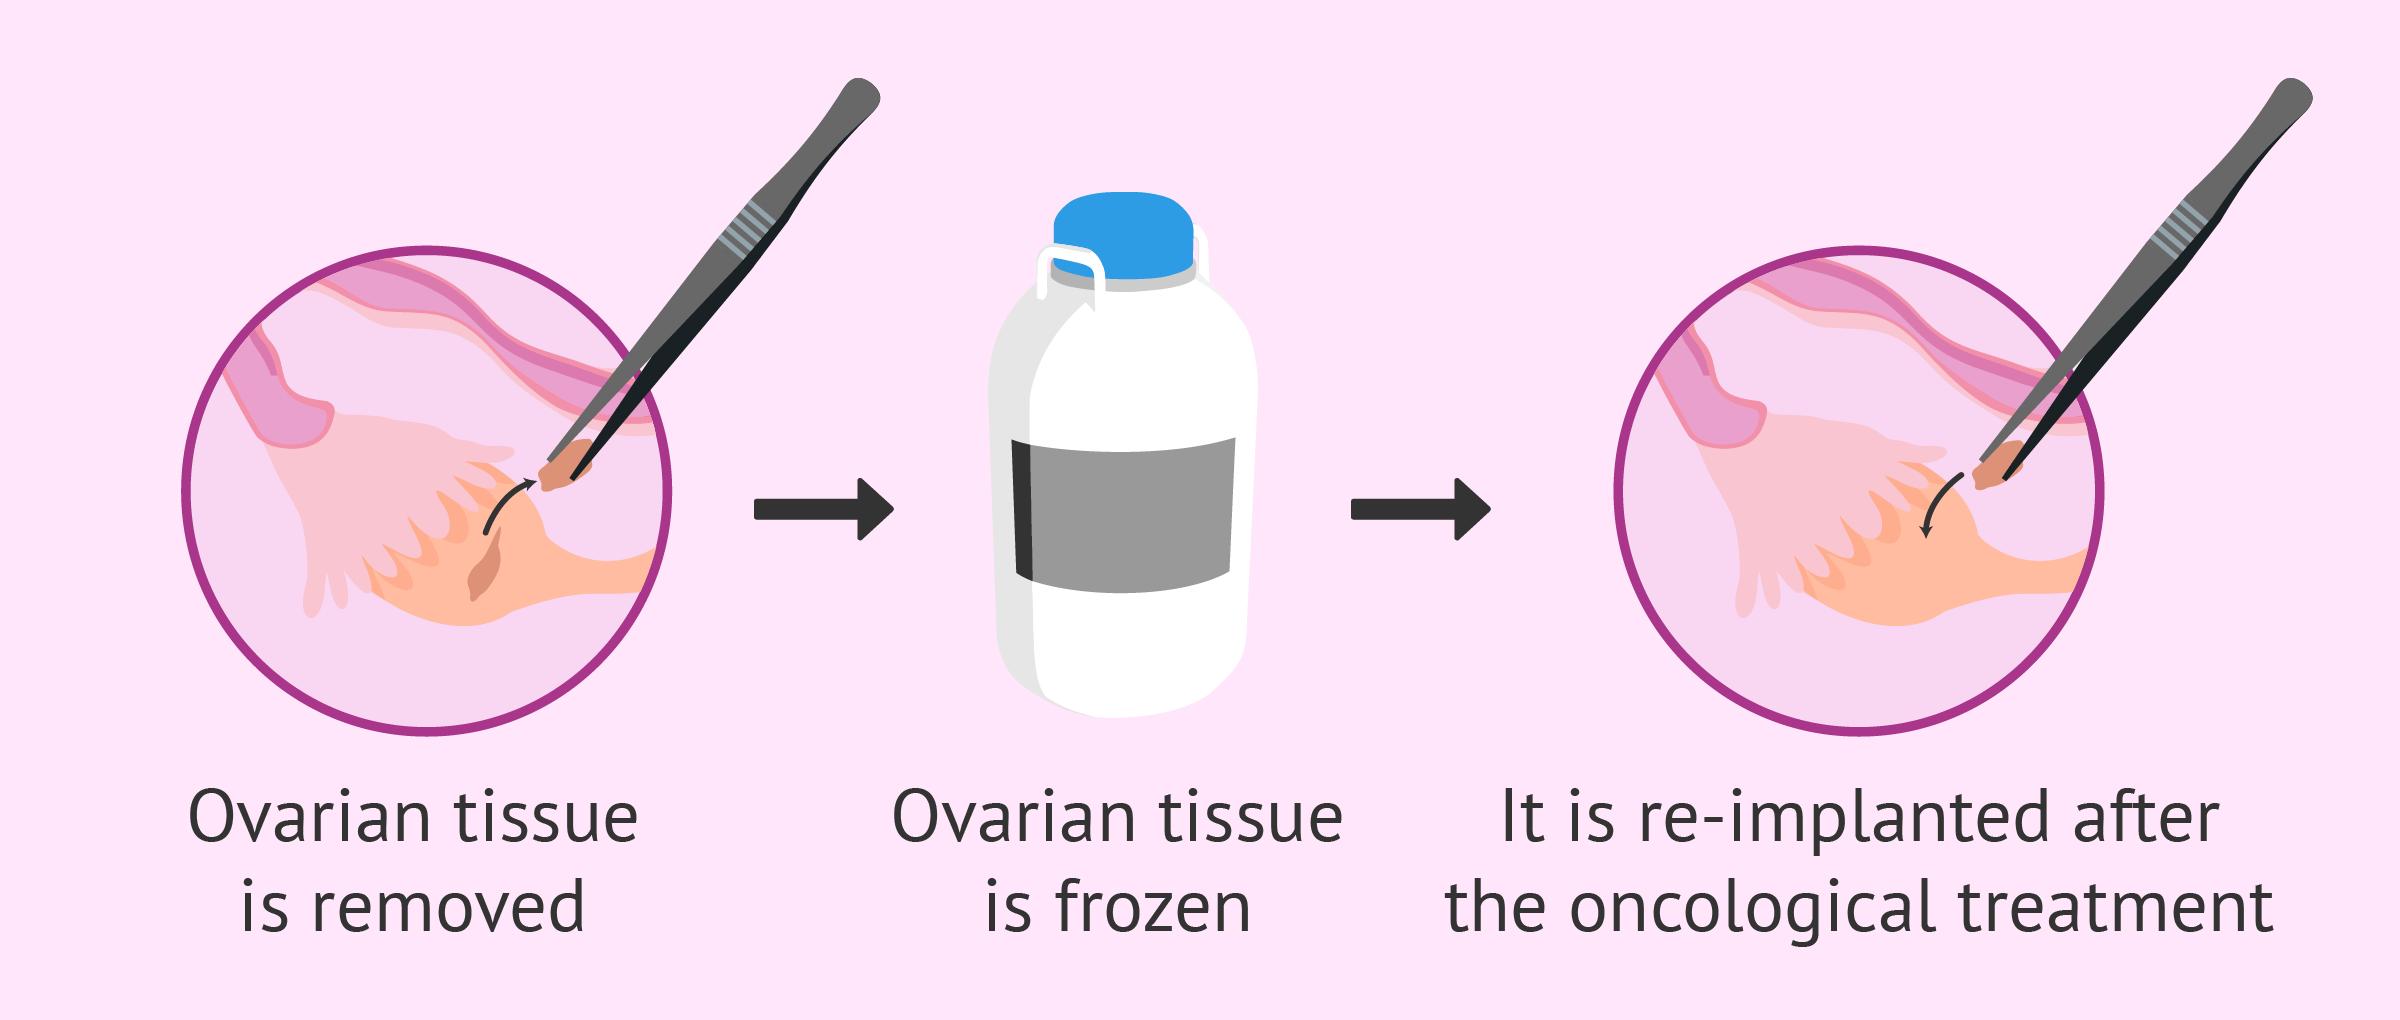 Ovarian tissue freezing